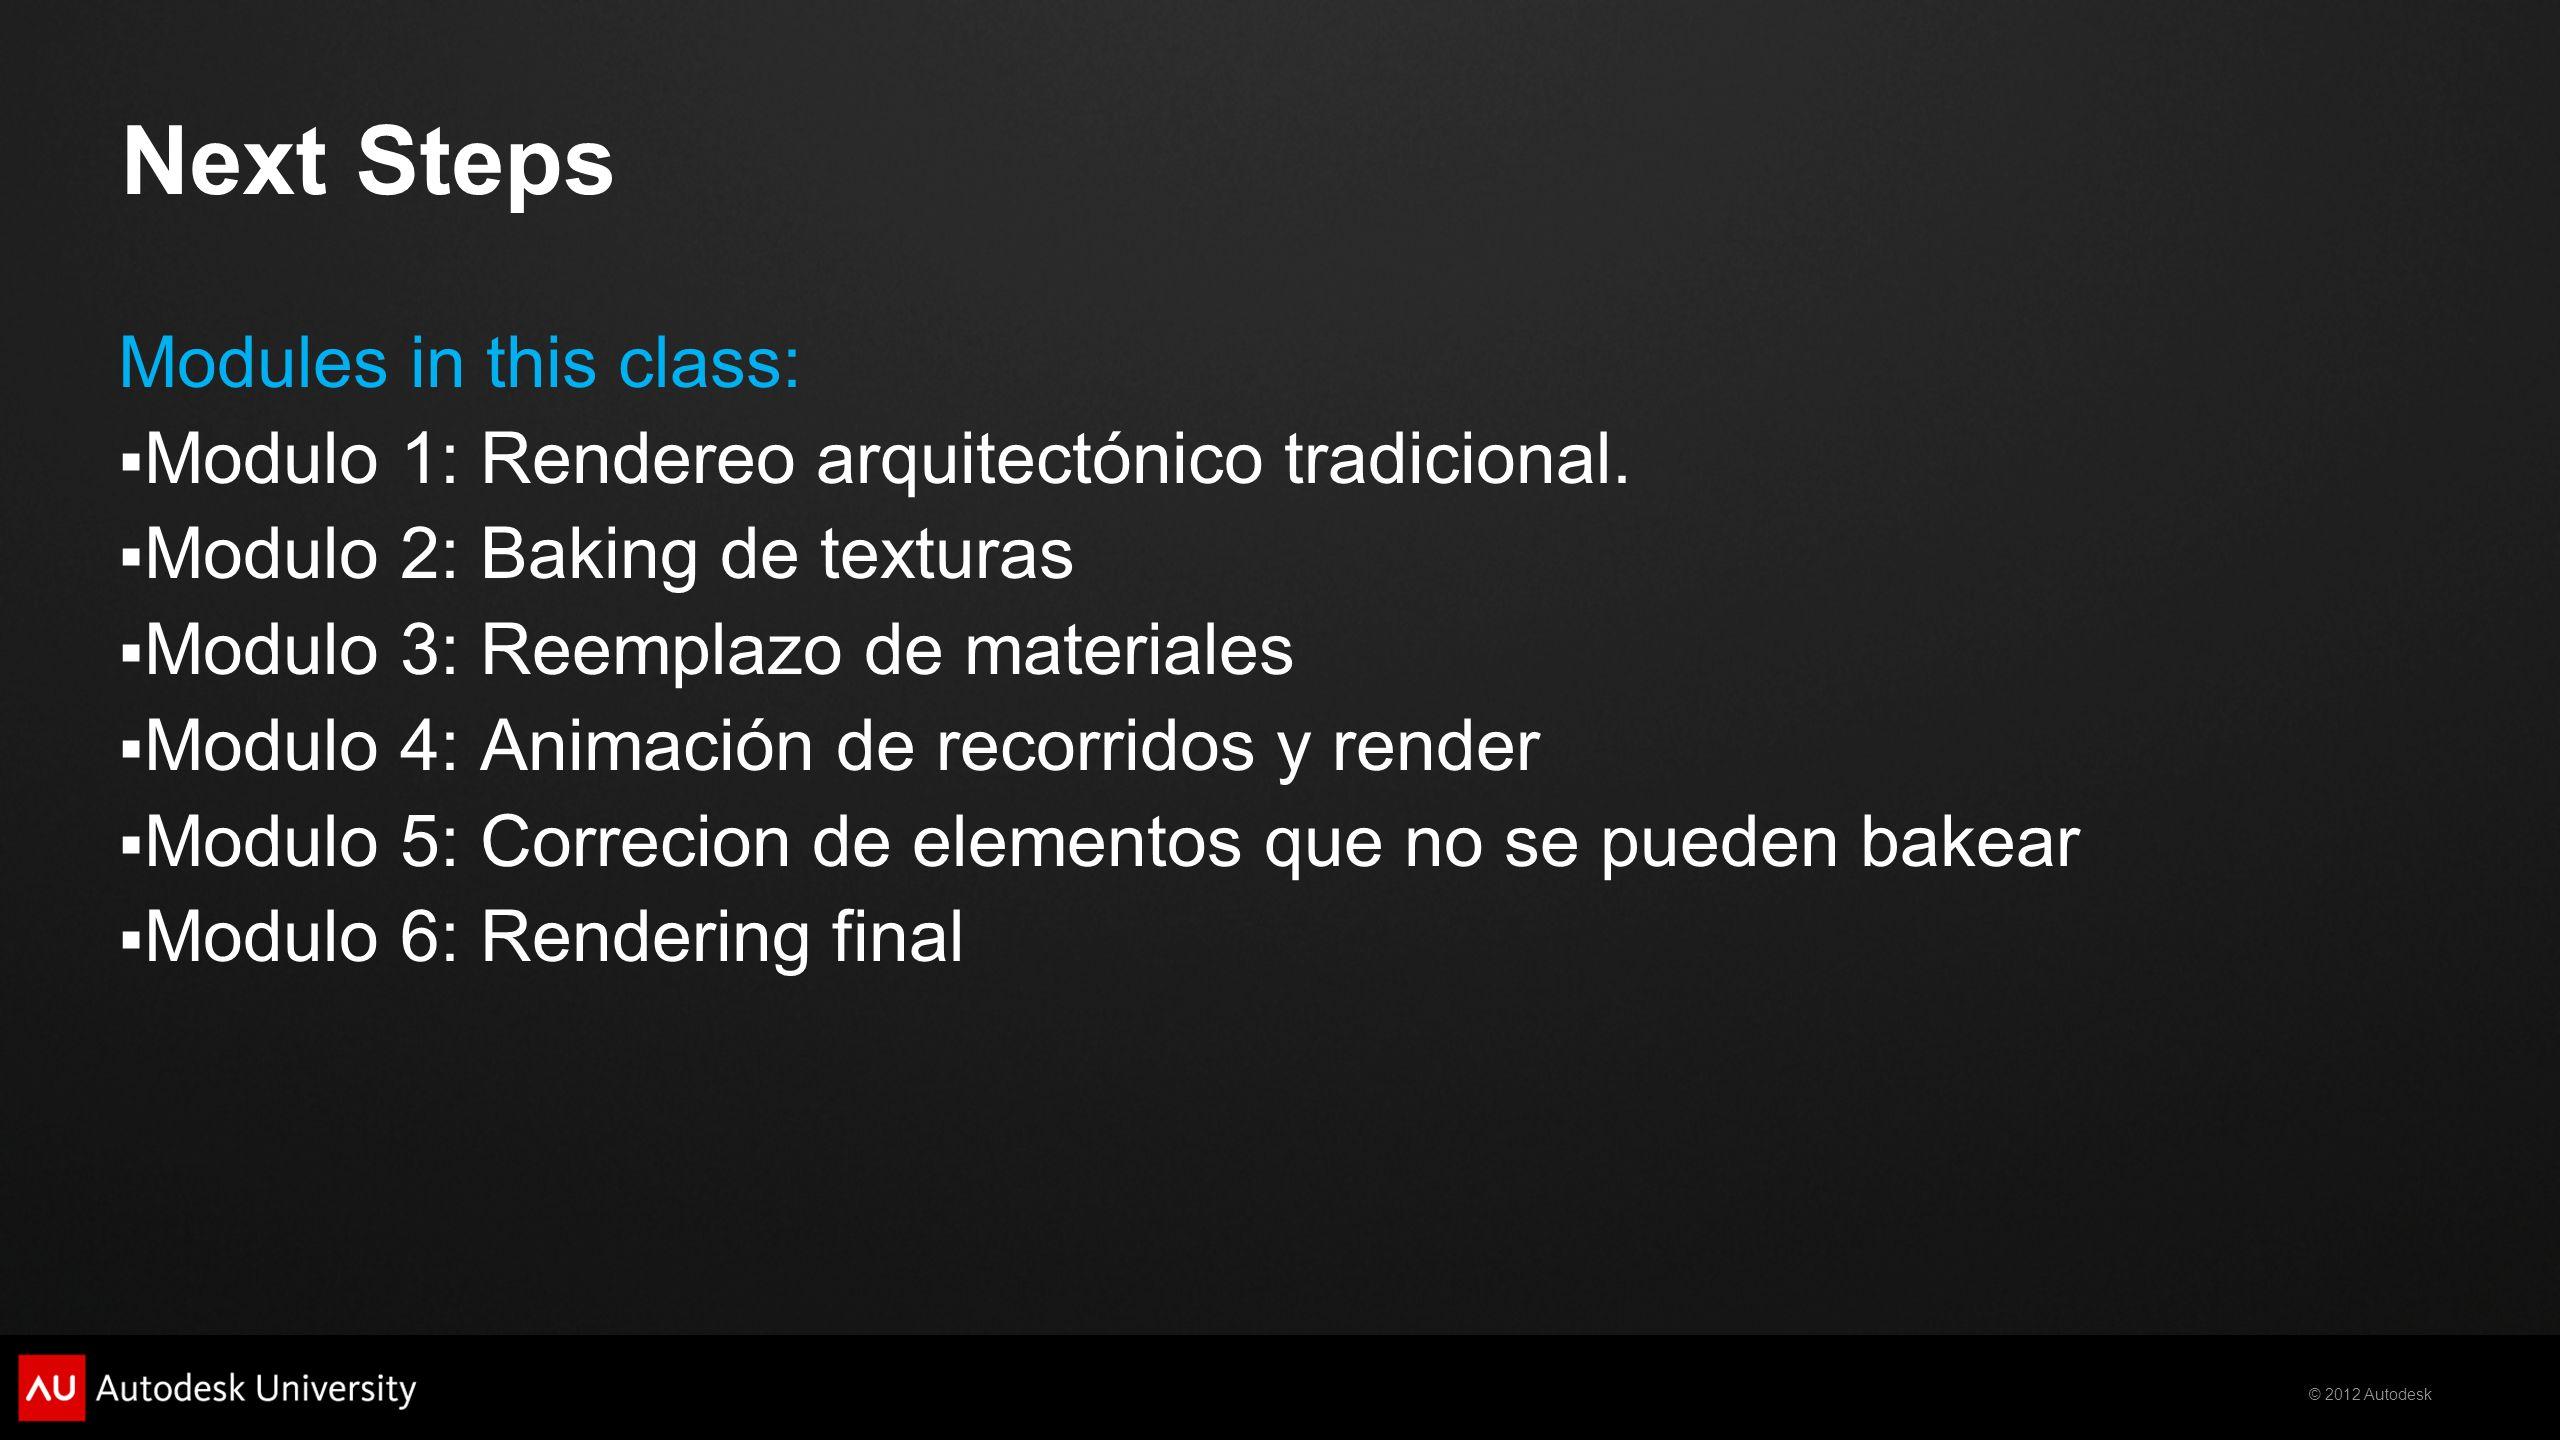 © 2012 Autodesk Next Steps Modules in this class: Modulo 1: Rendereo arquitectónico tradicional. Modulo 2: Baking de texturas Modulo 3: Reemplazo de m